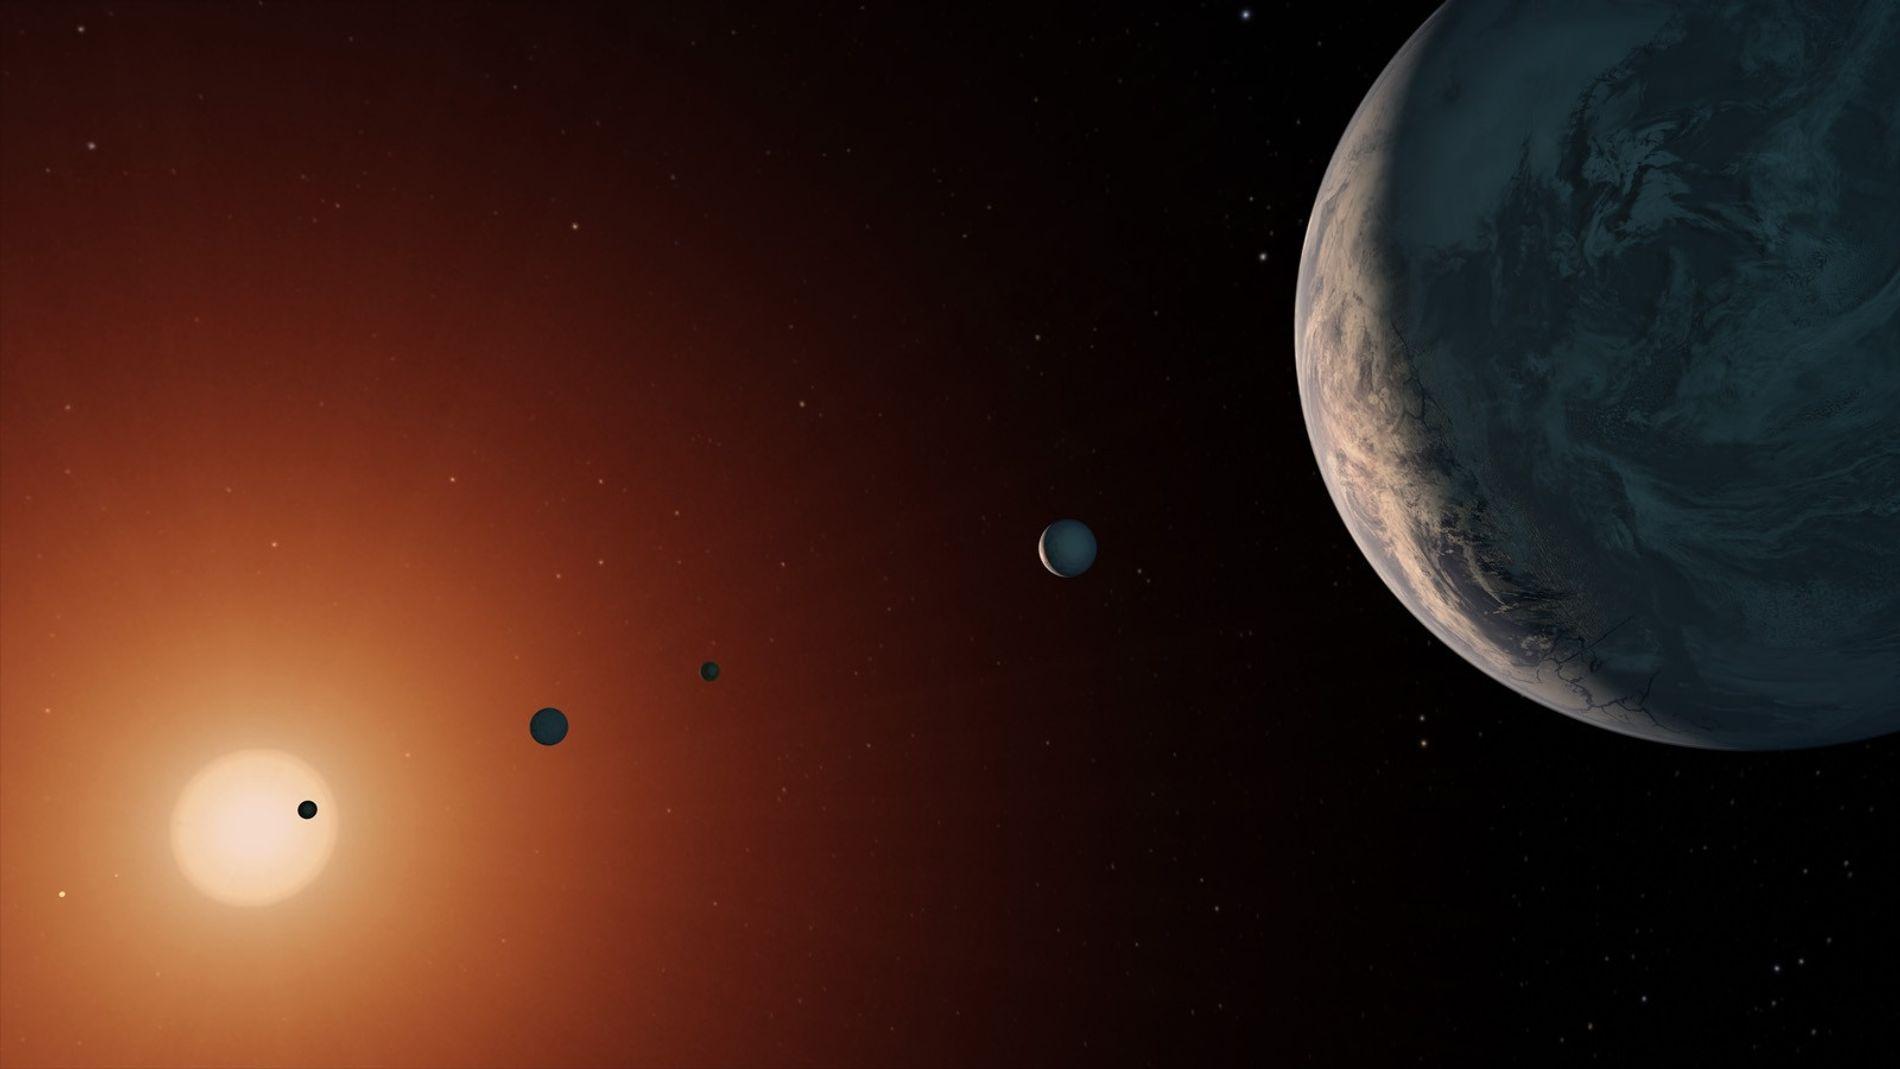 Vision artistique du système TRAPPIST-1